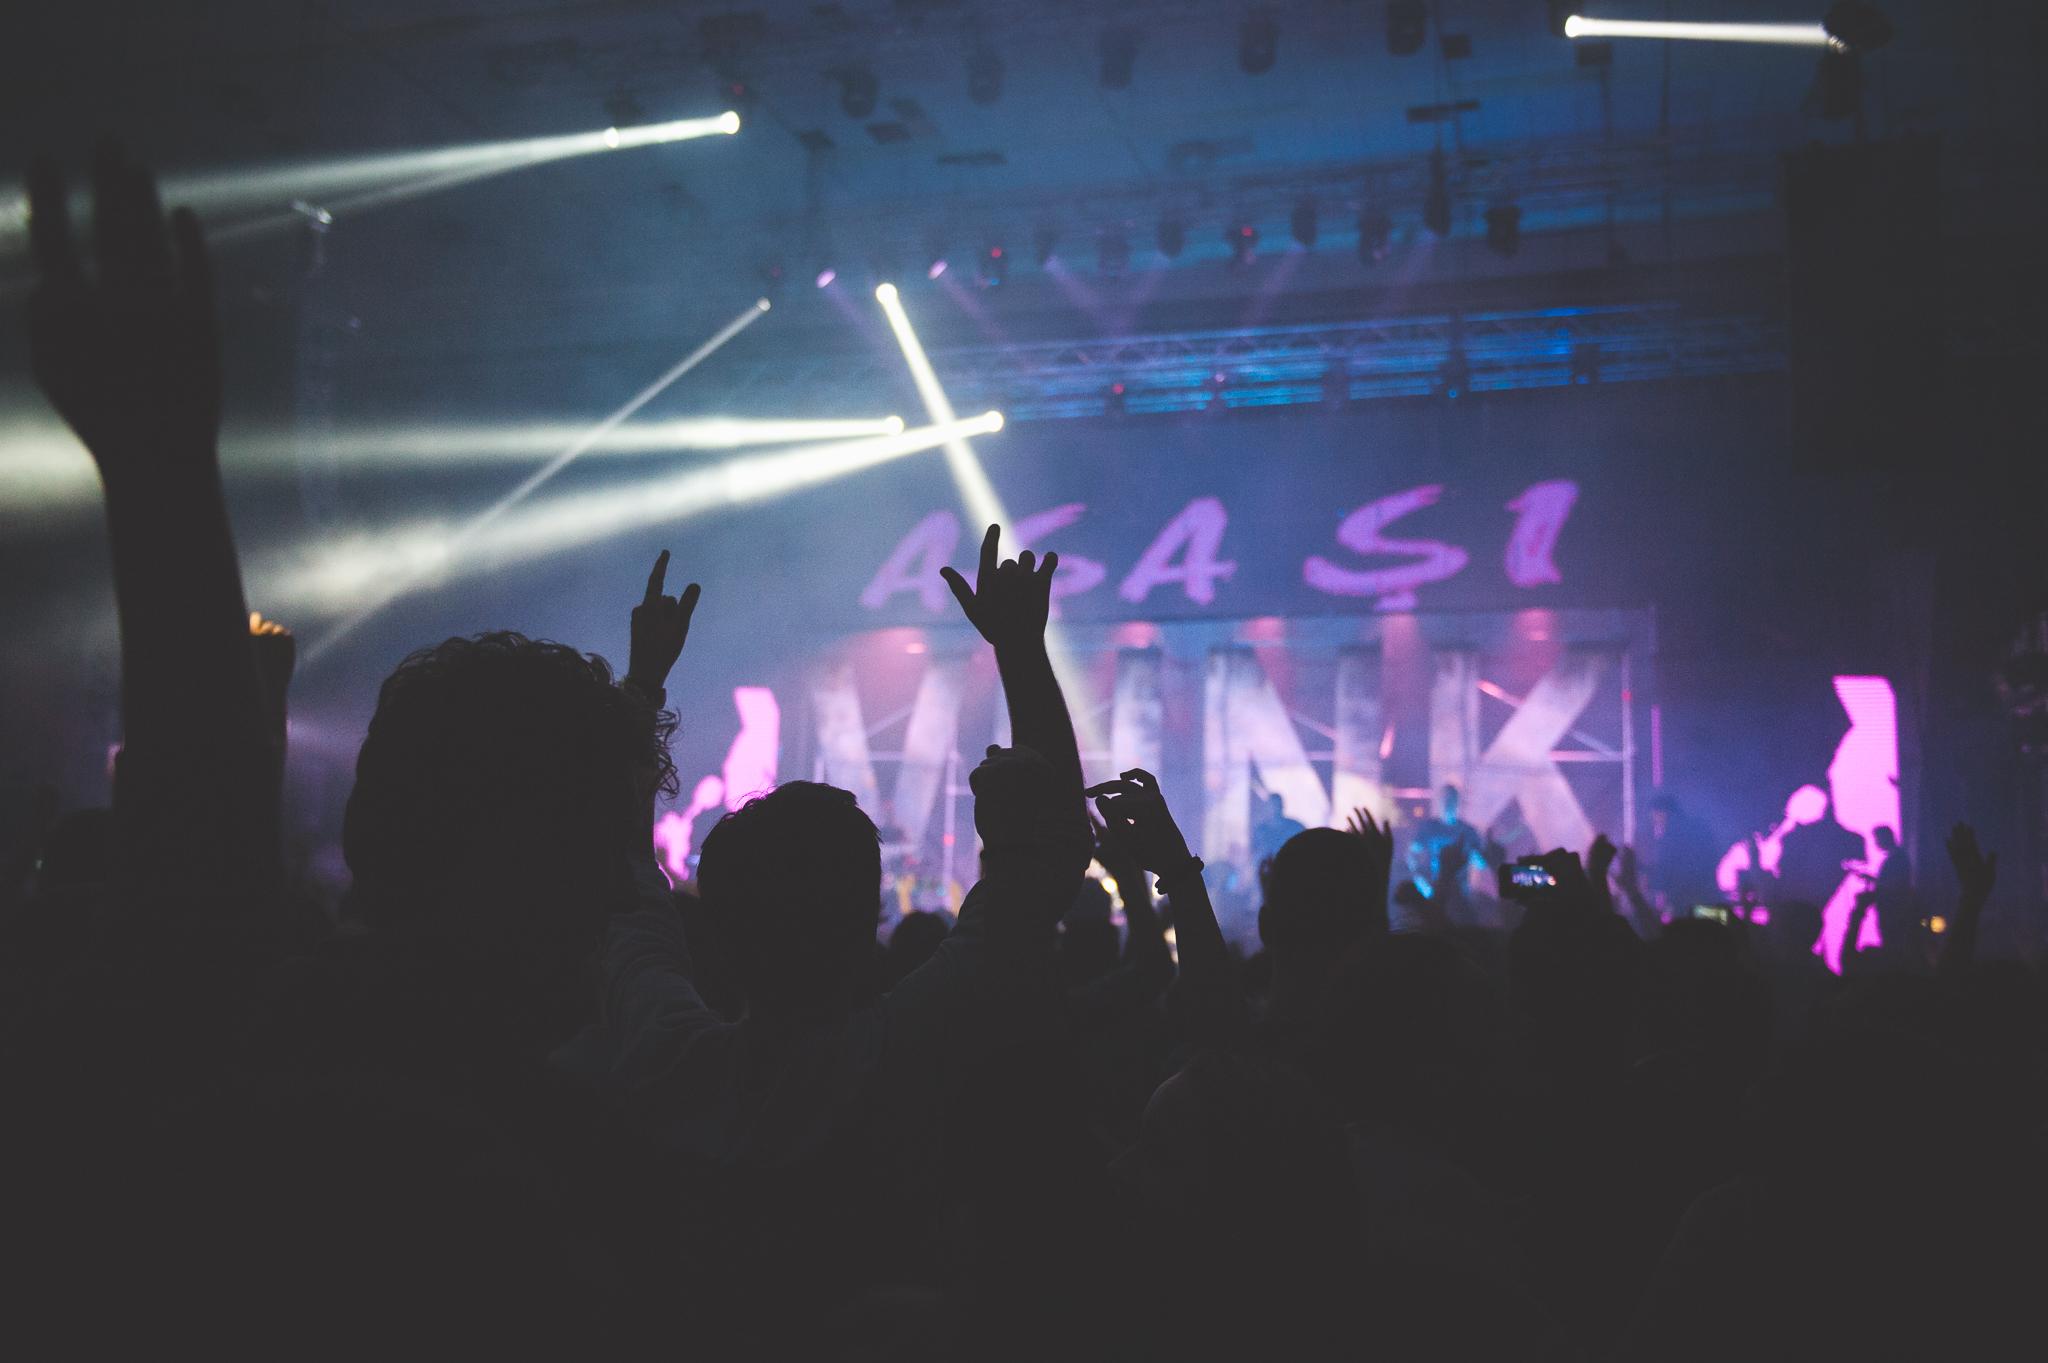 concert-vunk-unifest-low-res-78